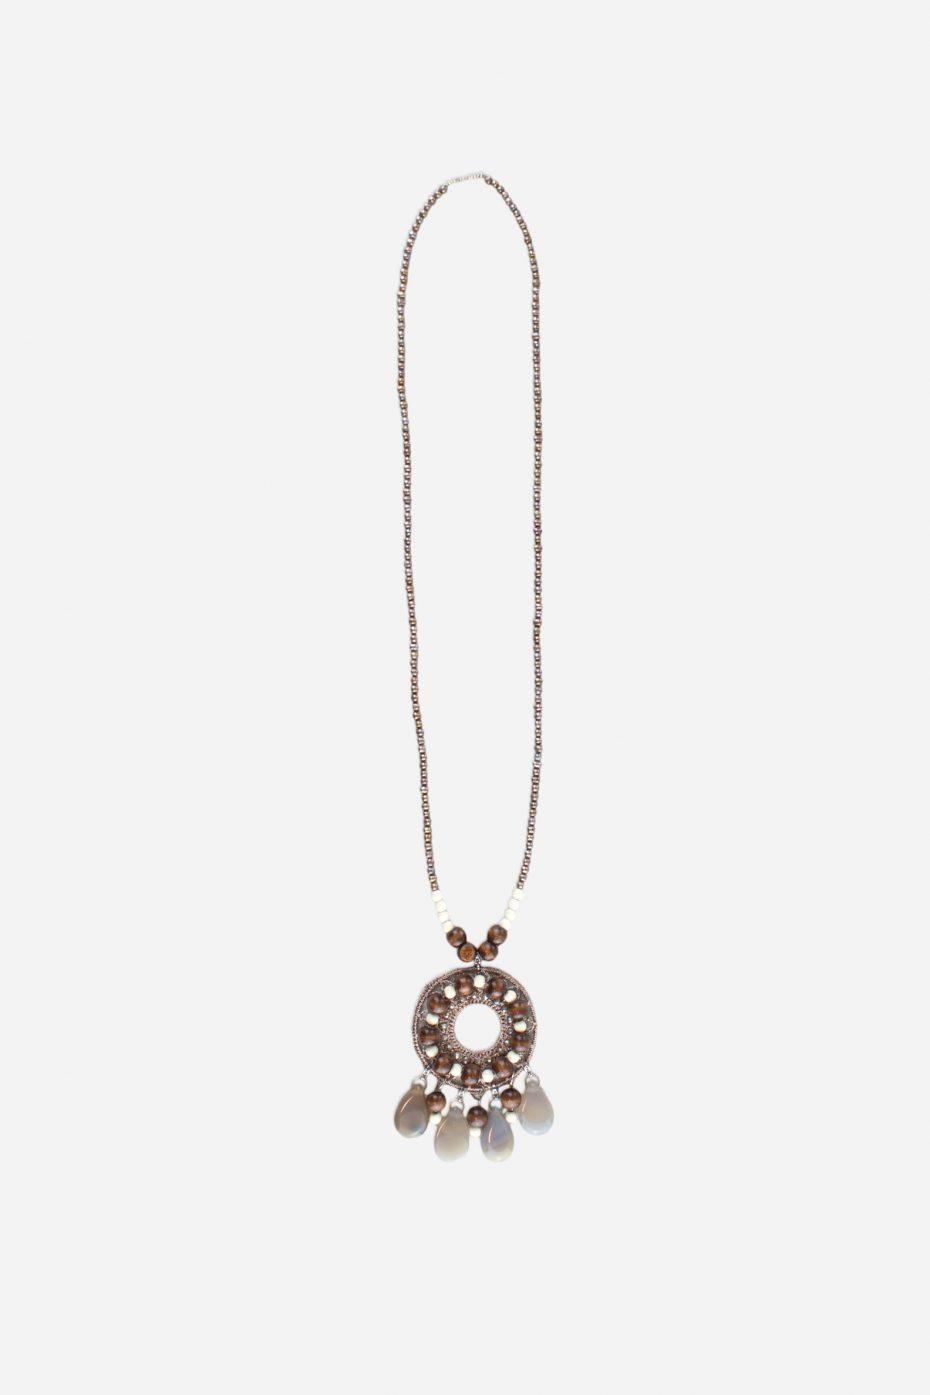 Collar metalico piedras naturales y medallon croche